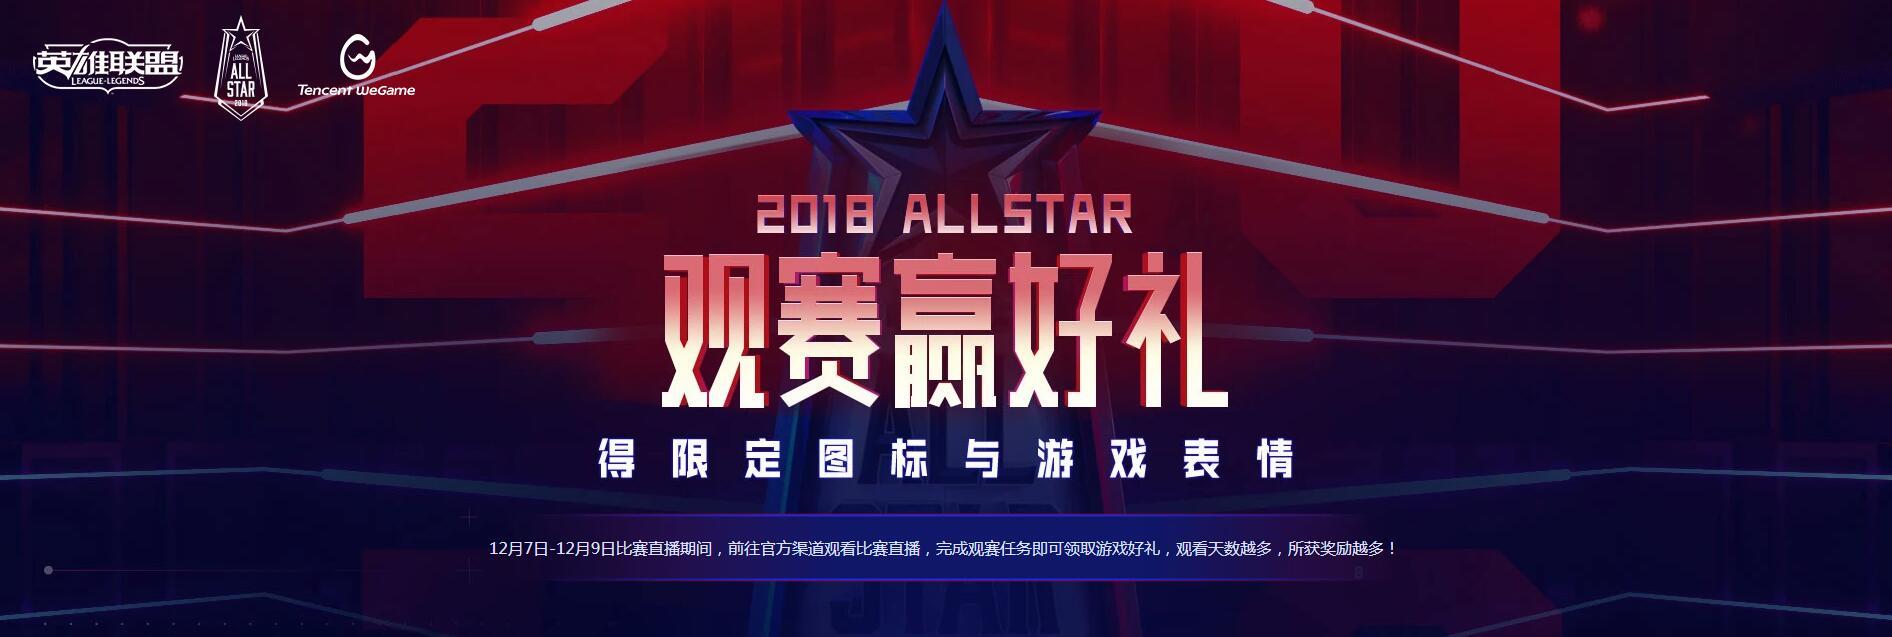 《英雄联盟》2018全明星赛观赛赢好礼,得限定图标与游戏表情